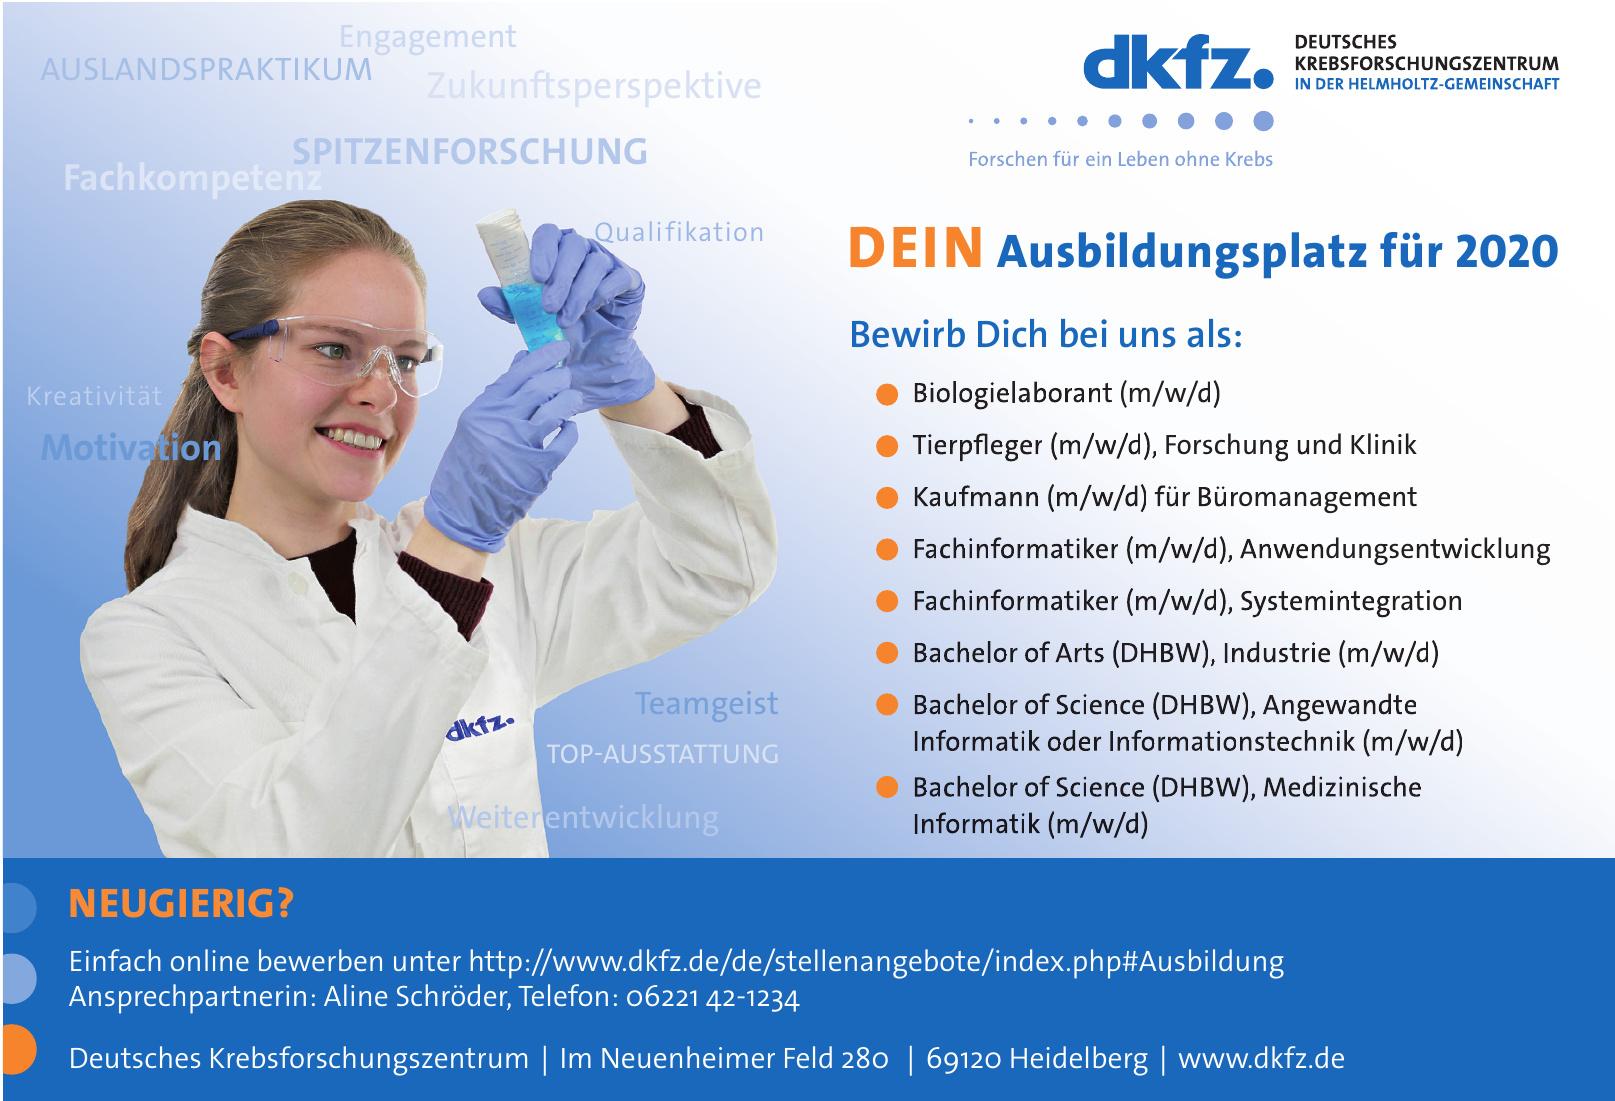 Deutsches Krebsforschungszentrum